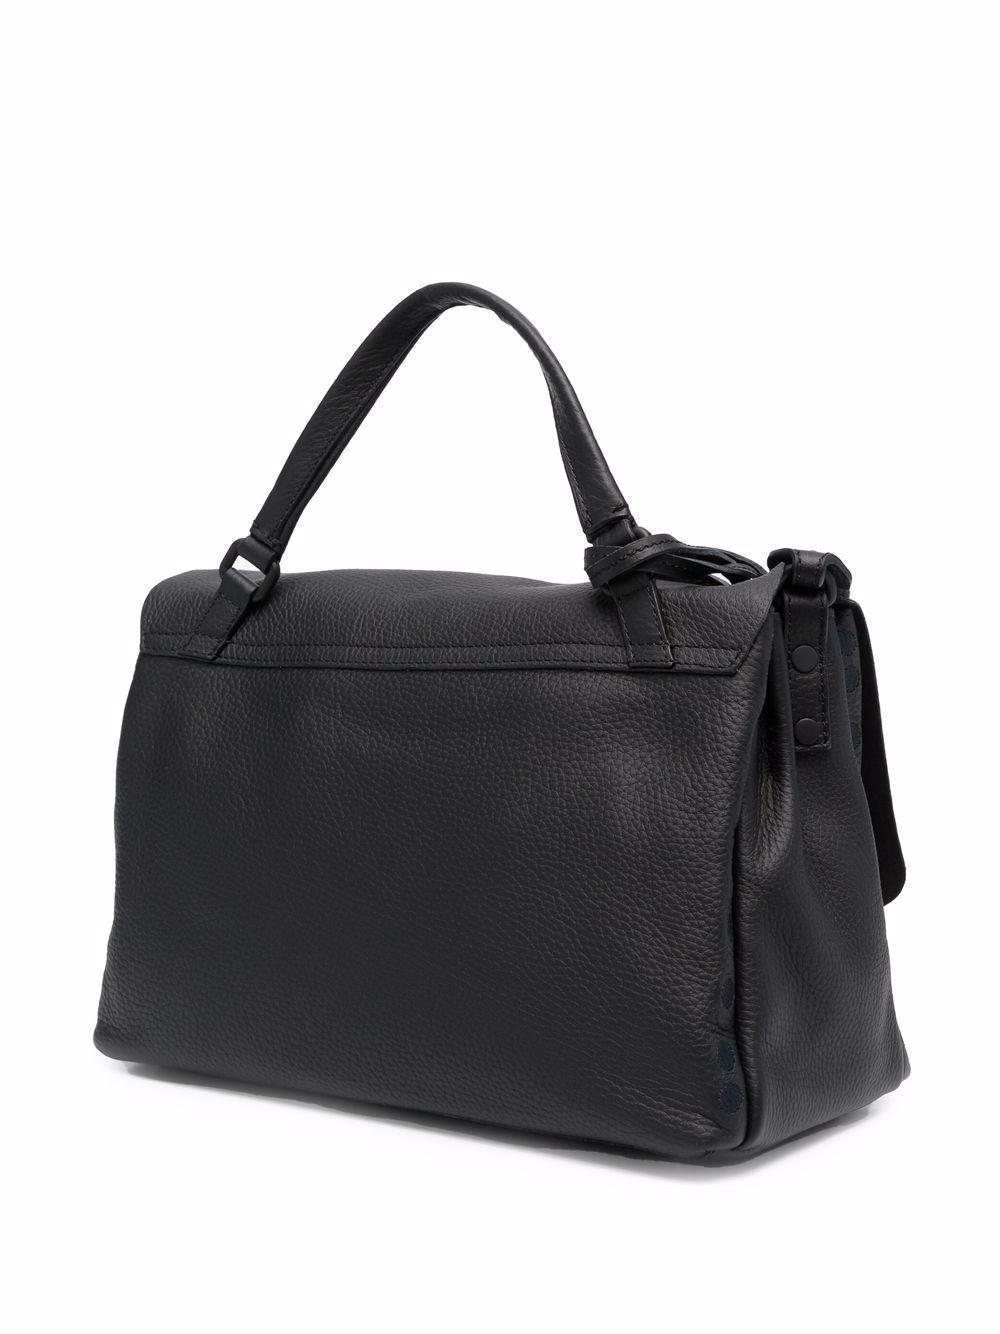 Picture of Zanellato | Postina Petalo Tote Bag